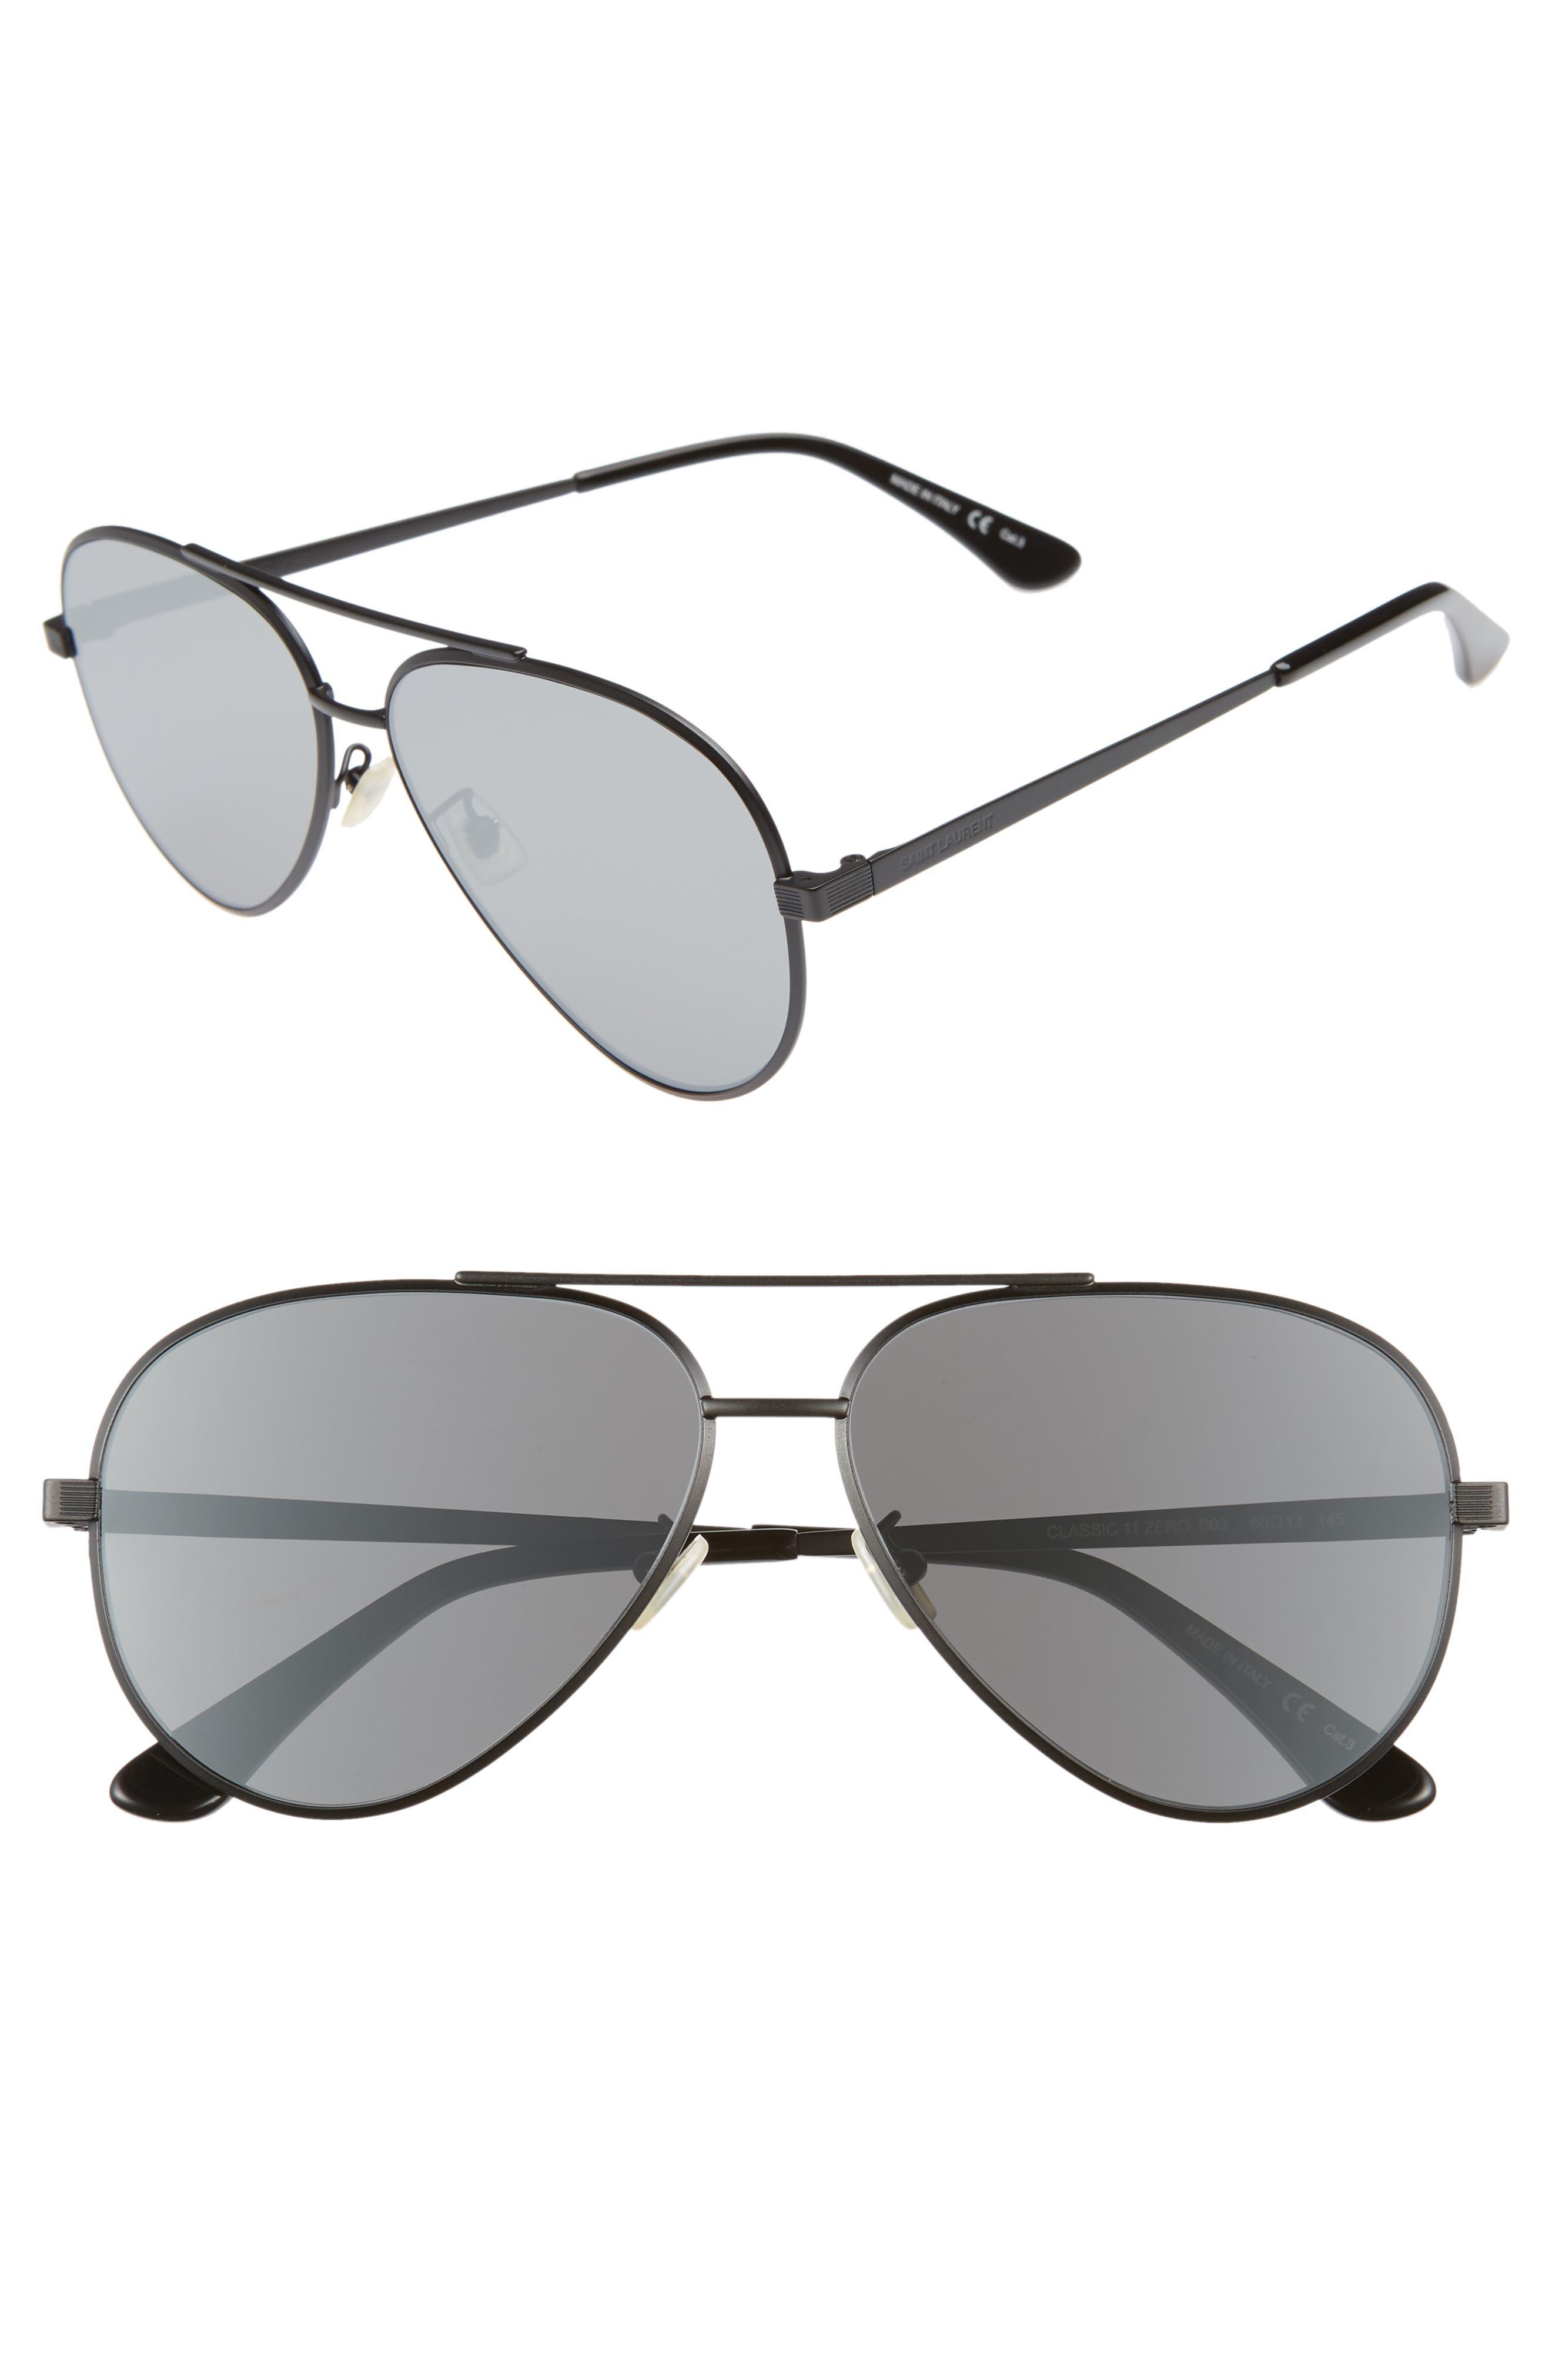 685137dd81 Men s Saint Laurent Sunglasses   Eyeglasses